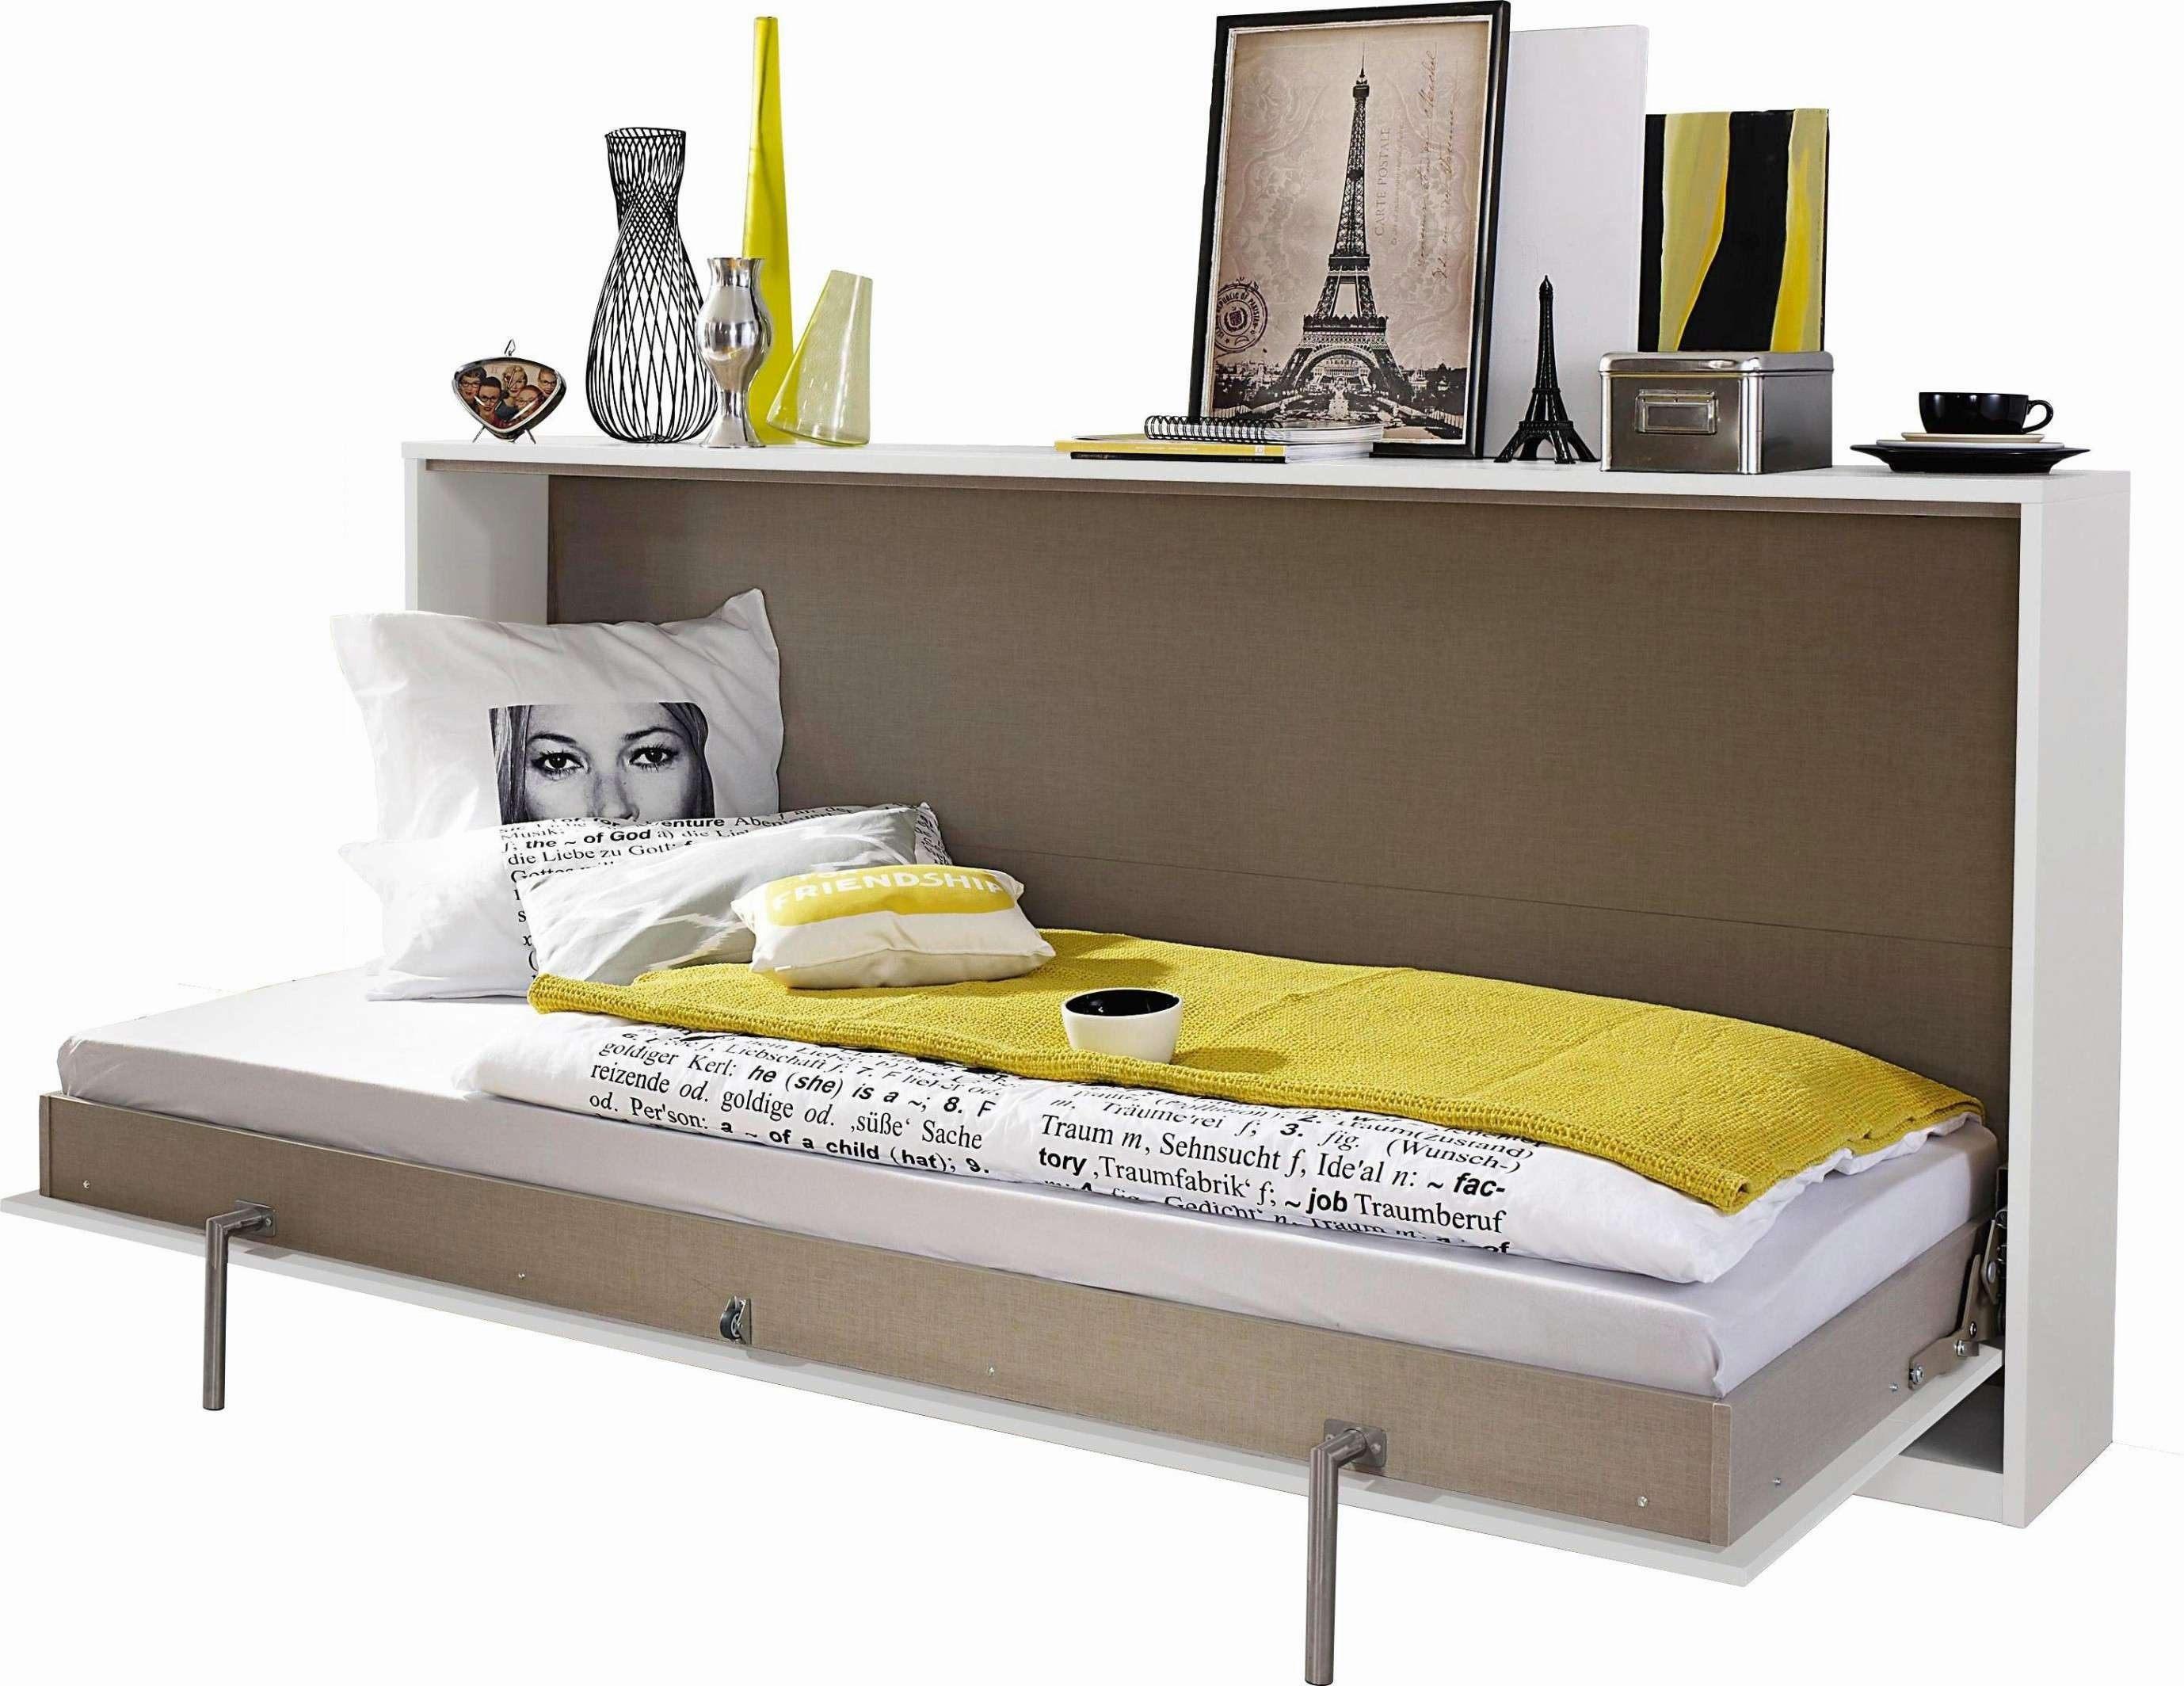 Ikea Lit Extensible Douce Lit Ado Ikea Génial Tete De Lit Led L Gant 30 L Gant De Spot A Led